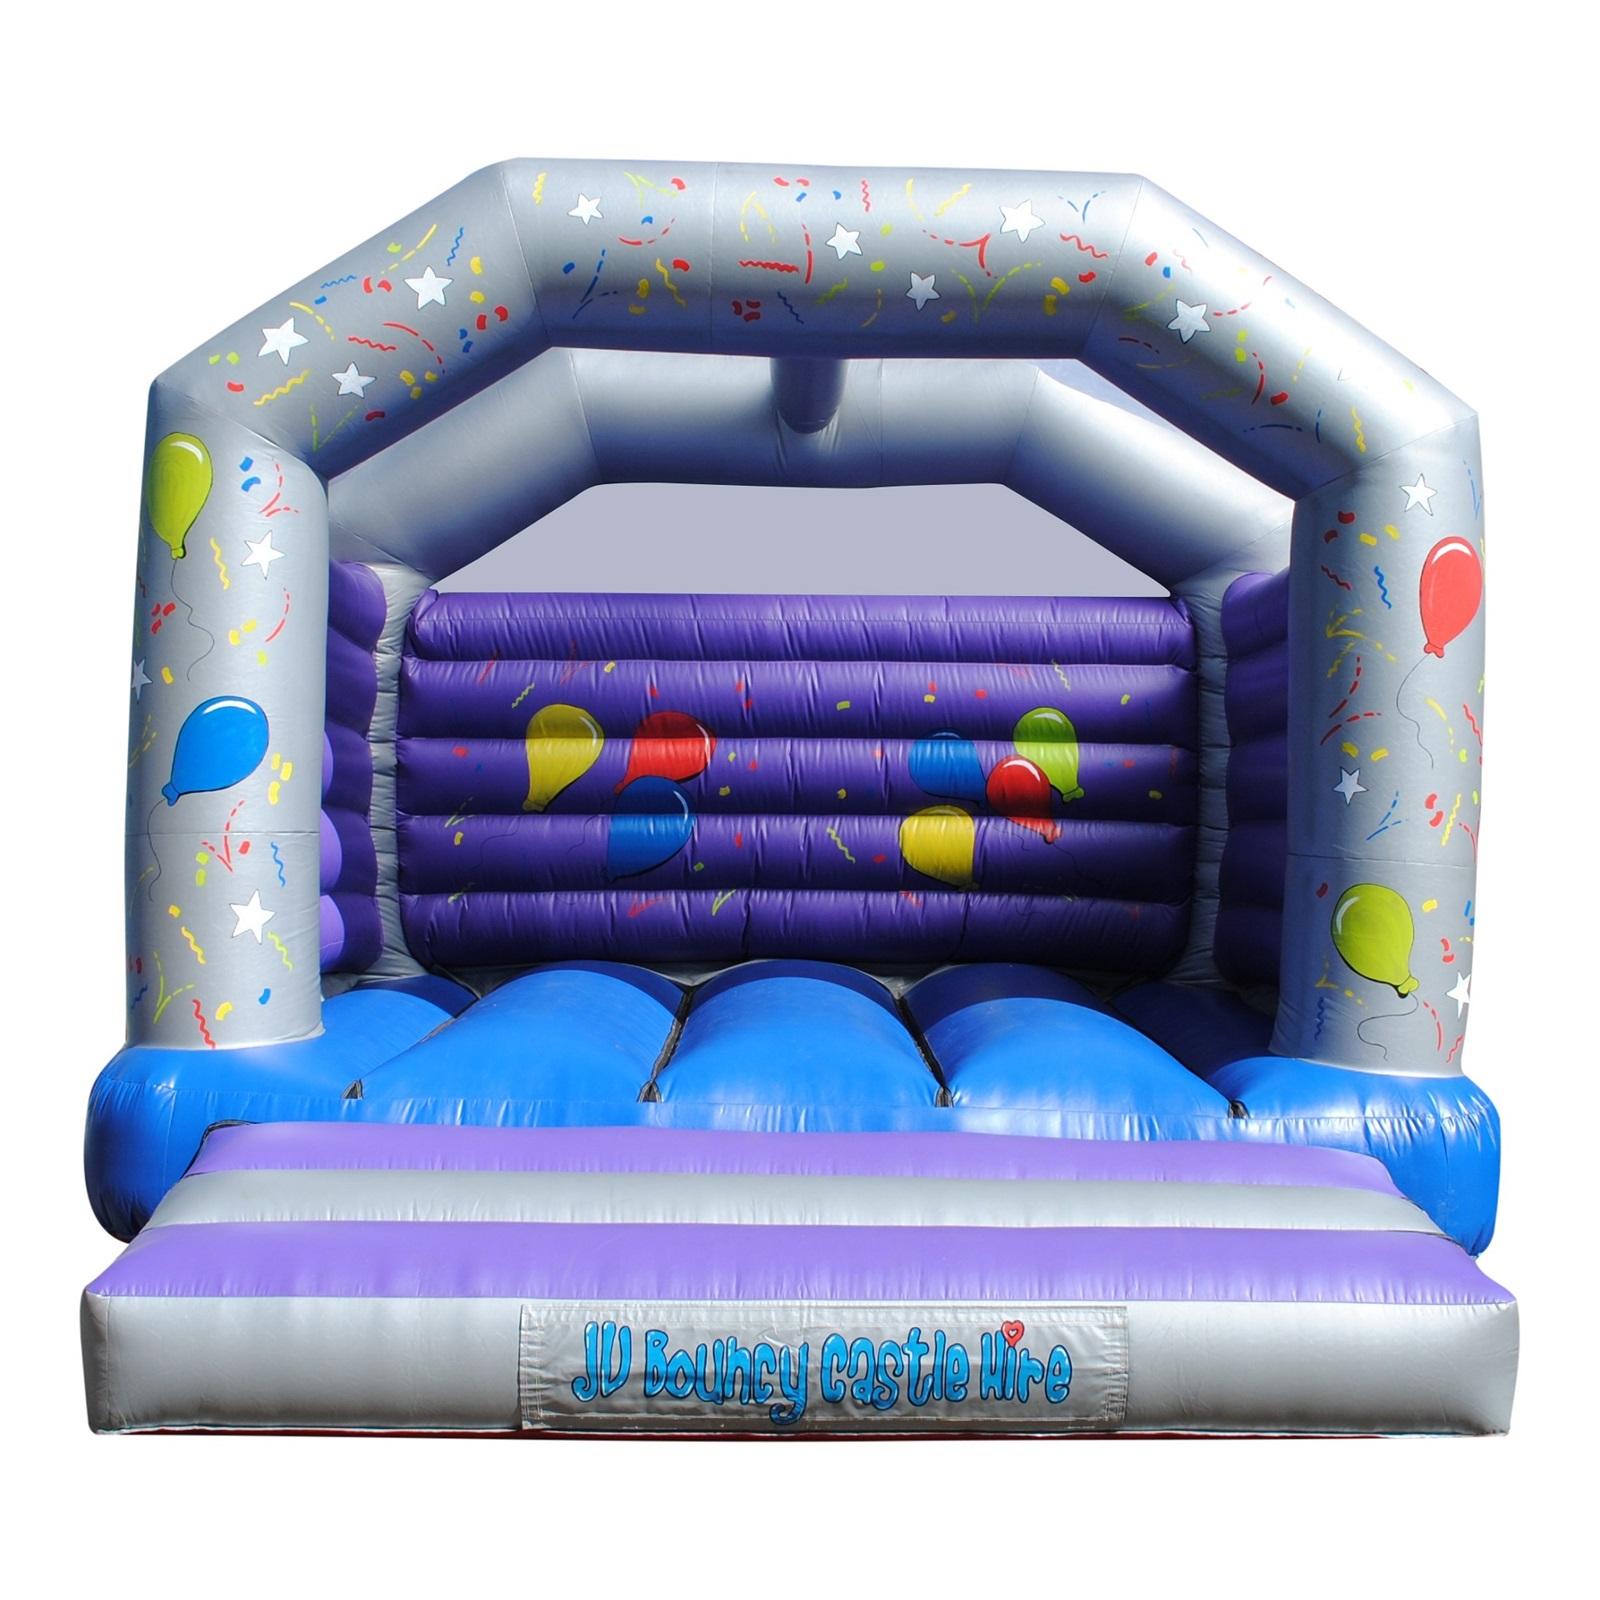 Inflatable Slide Hire Uk: JV Bouncy Castle Hire Farnborough